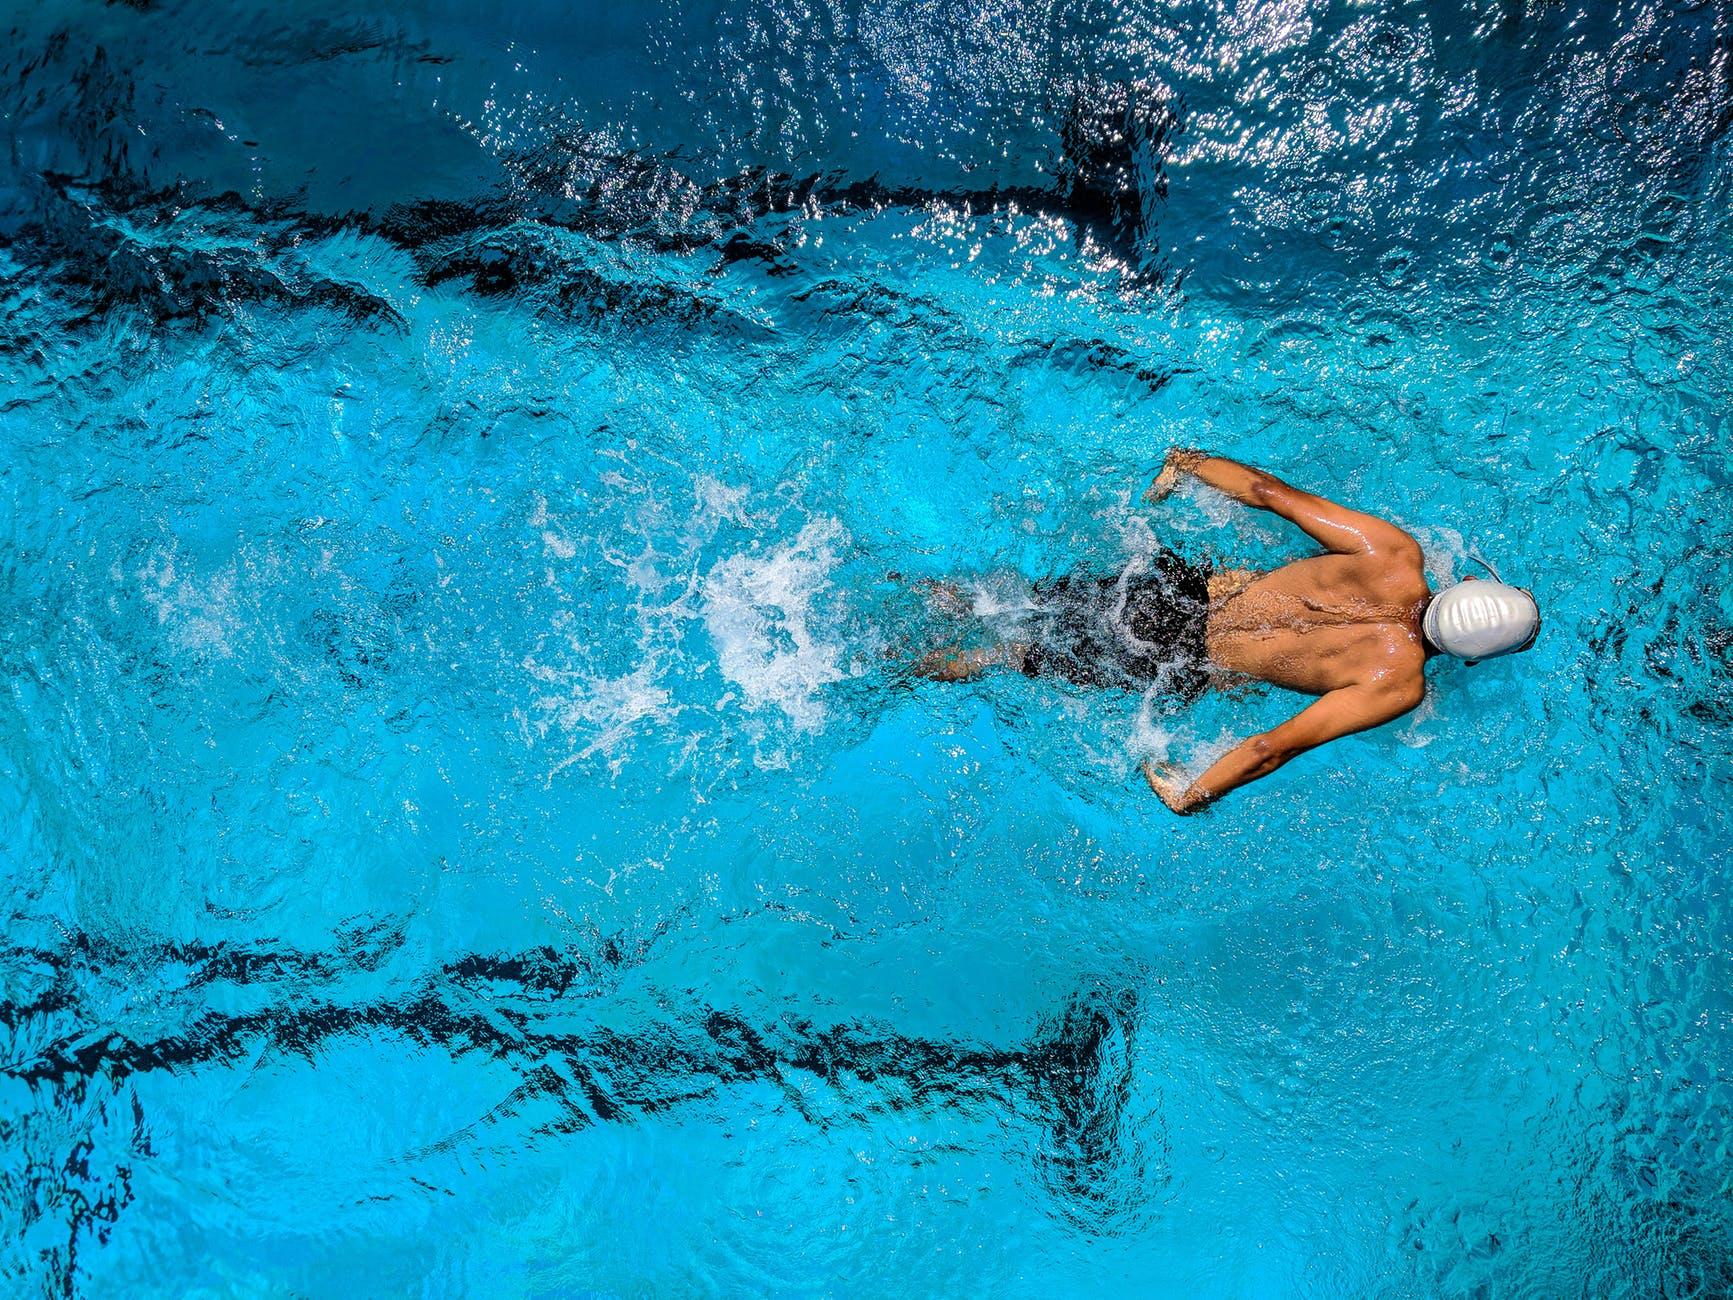 איפה ניתן למצוא בישראל בריכות שחייה אולימפיות?